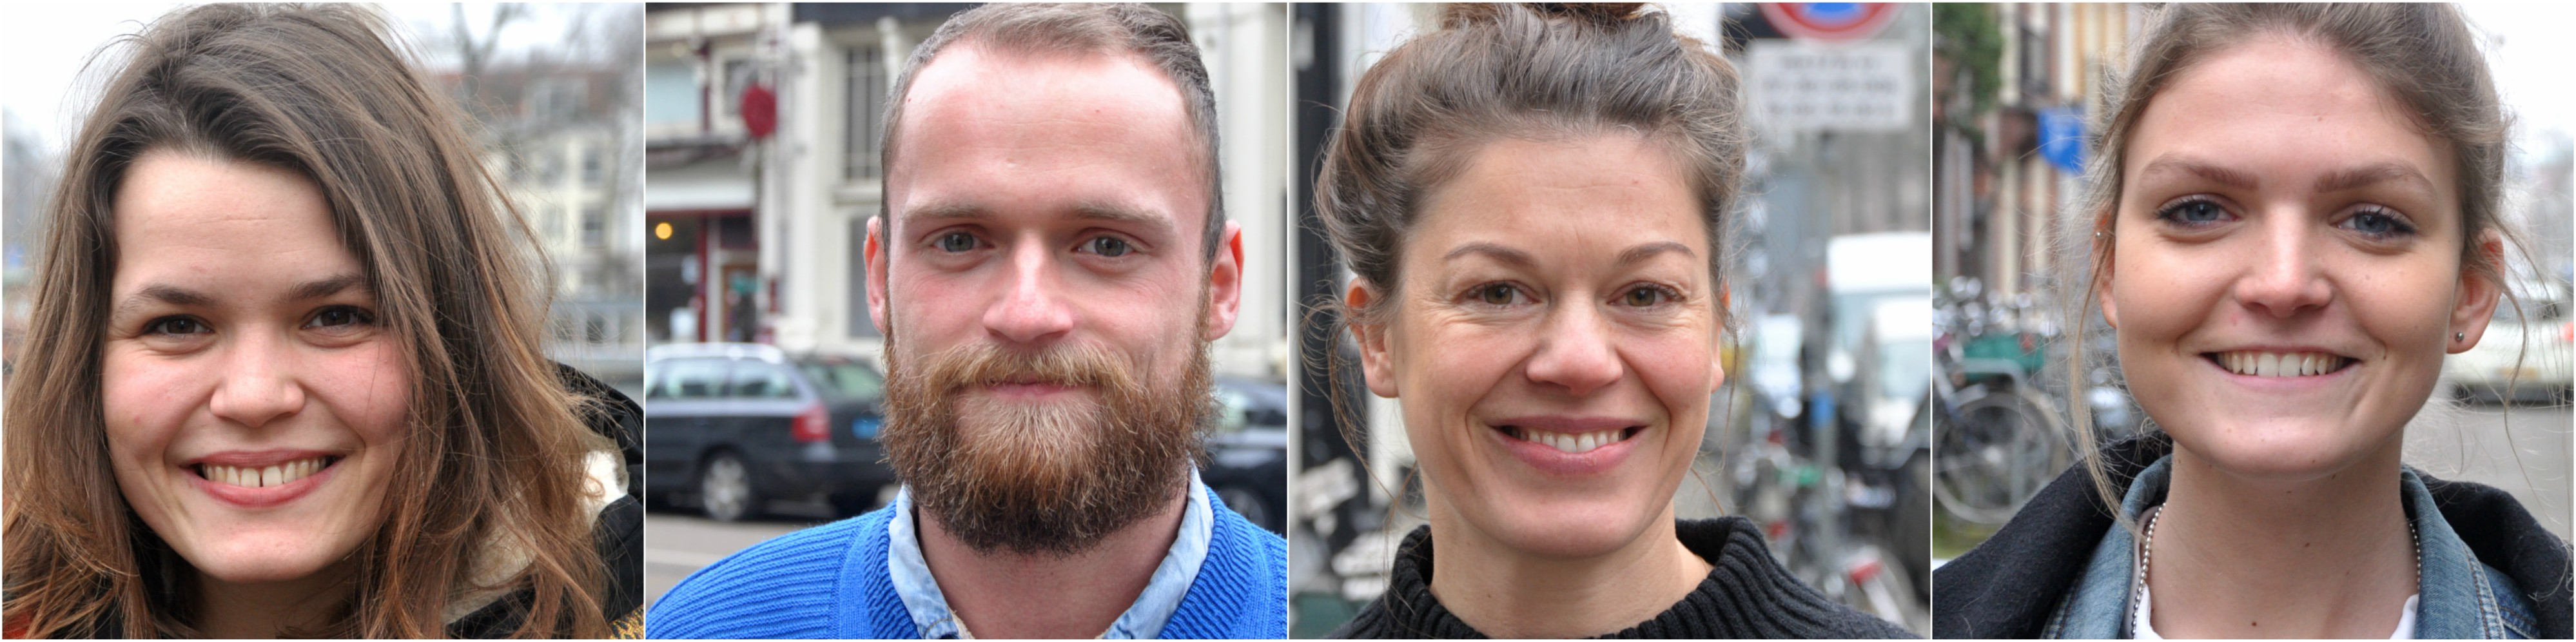 Foto's van vier nieuwe collega's bij MUST